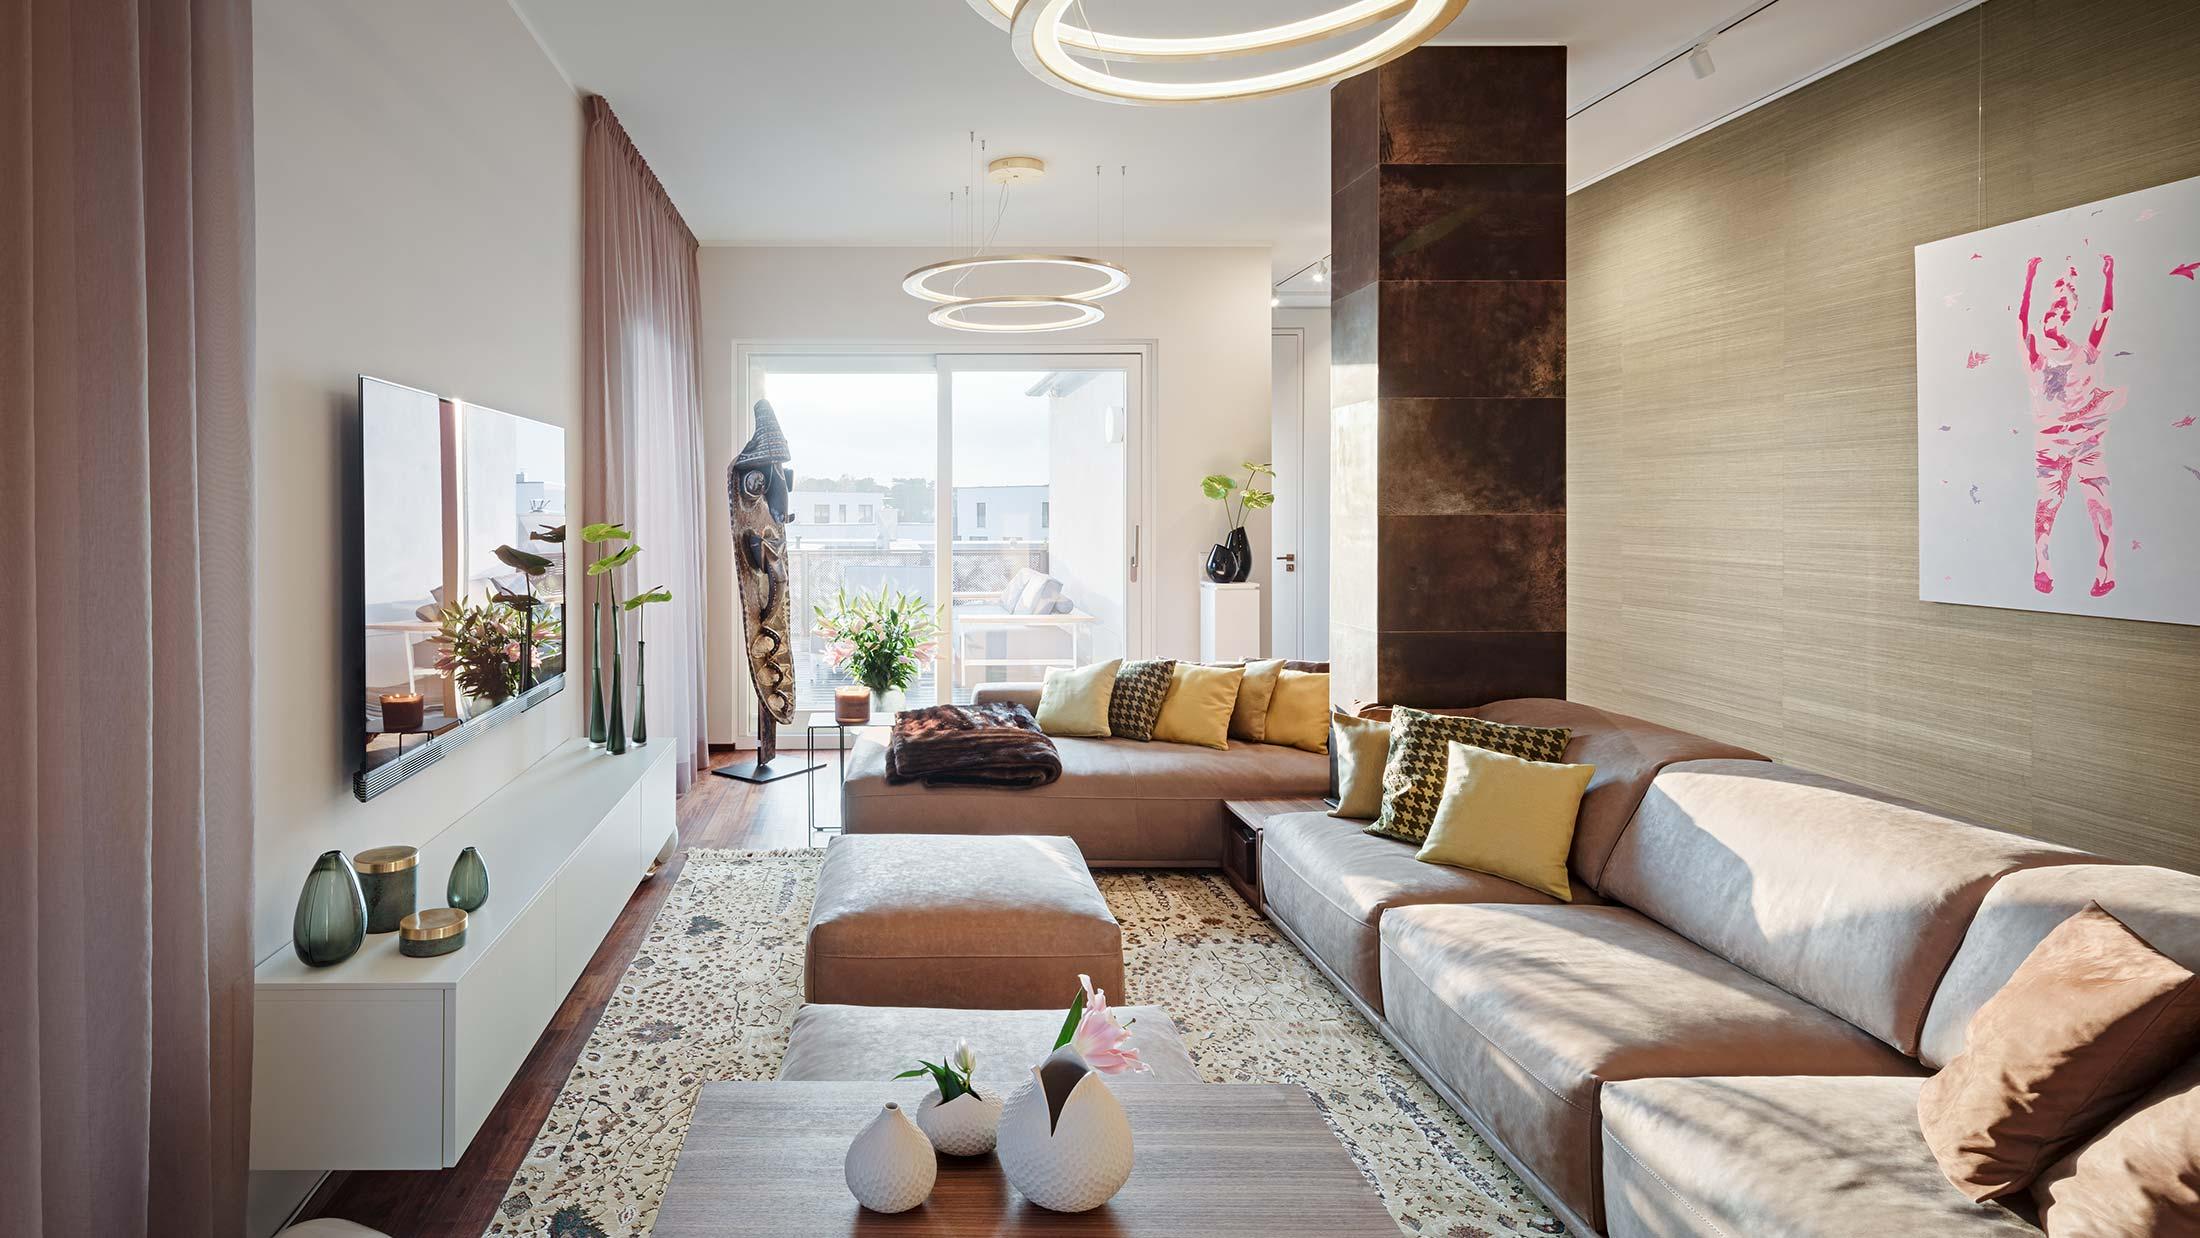 Penthouse Fünf Morgen: Wohnzimmer mit großzügiger Ledercouch